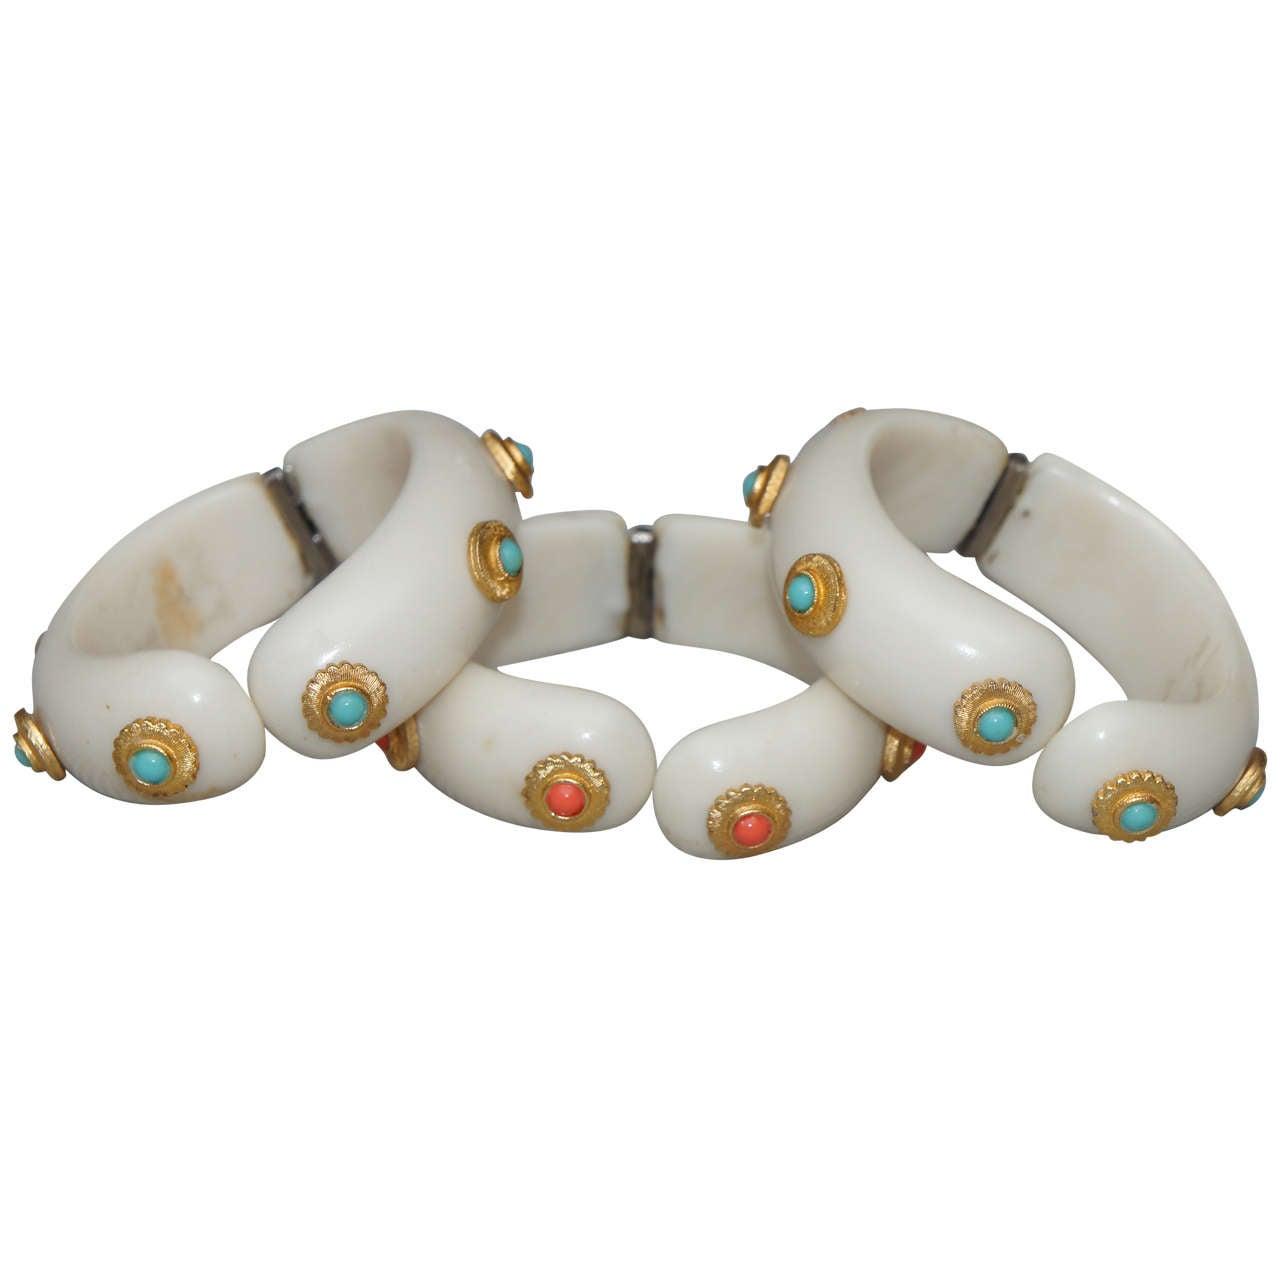 Three Hattie Carnegie Style Faux Ivory Bangle Bracelets